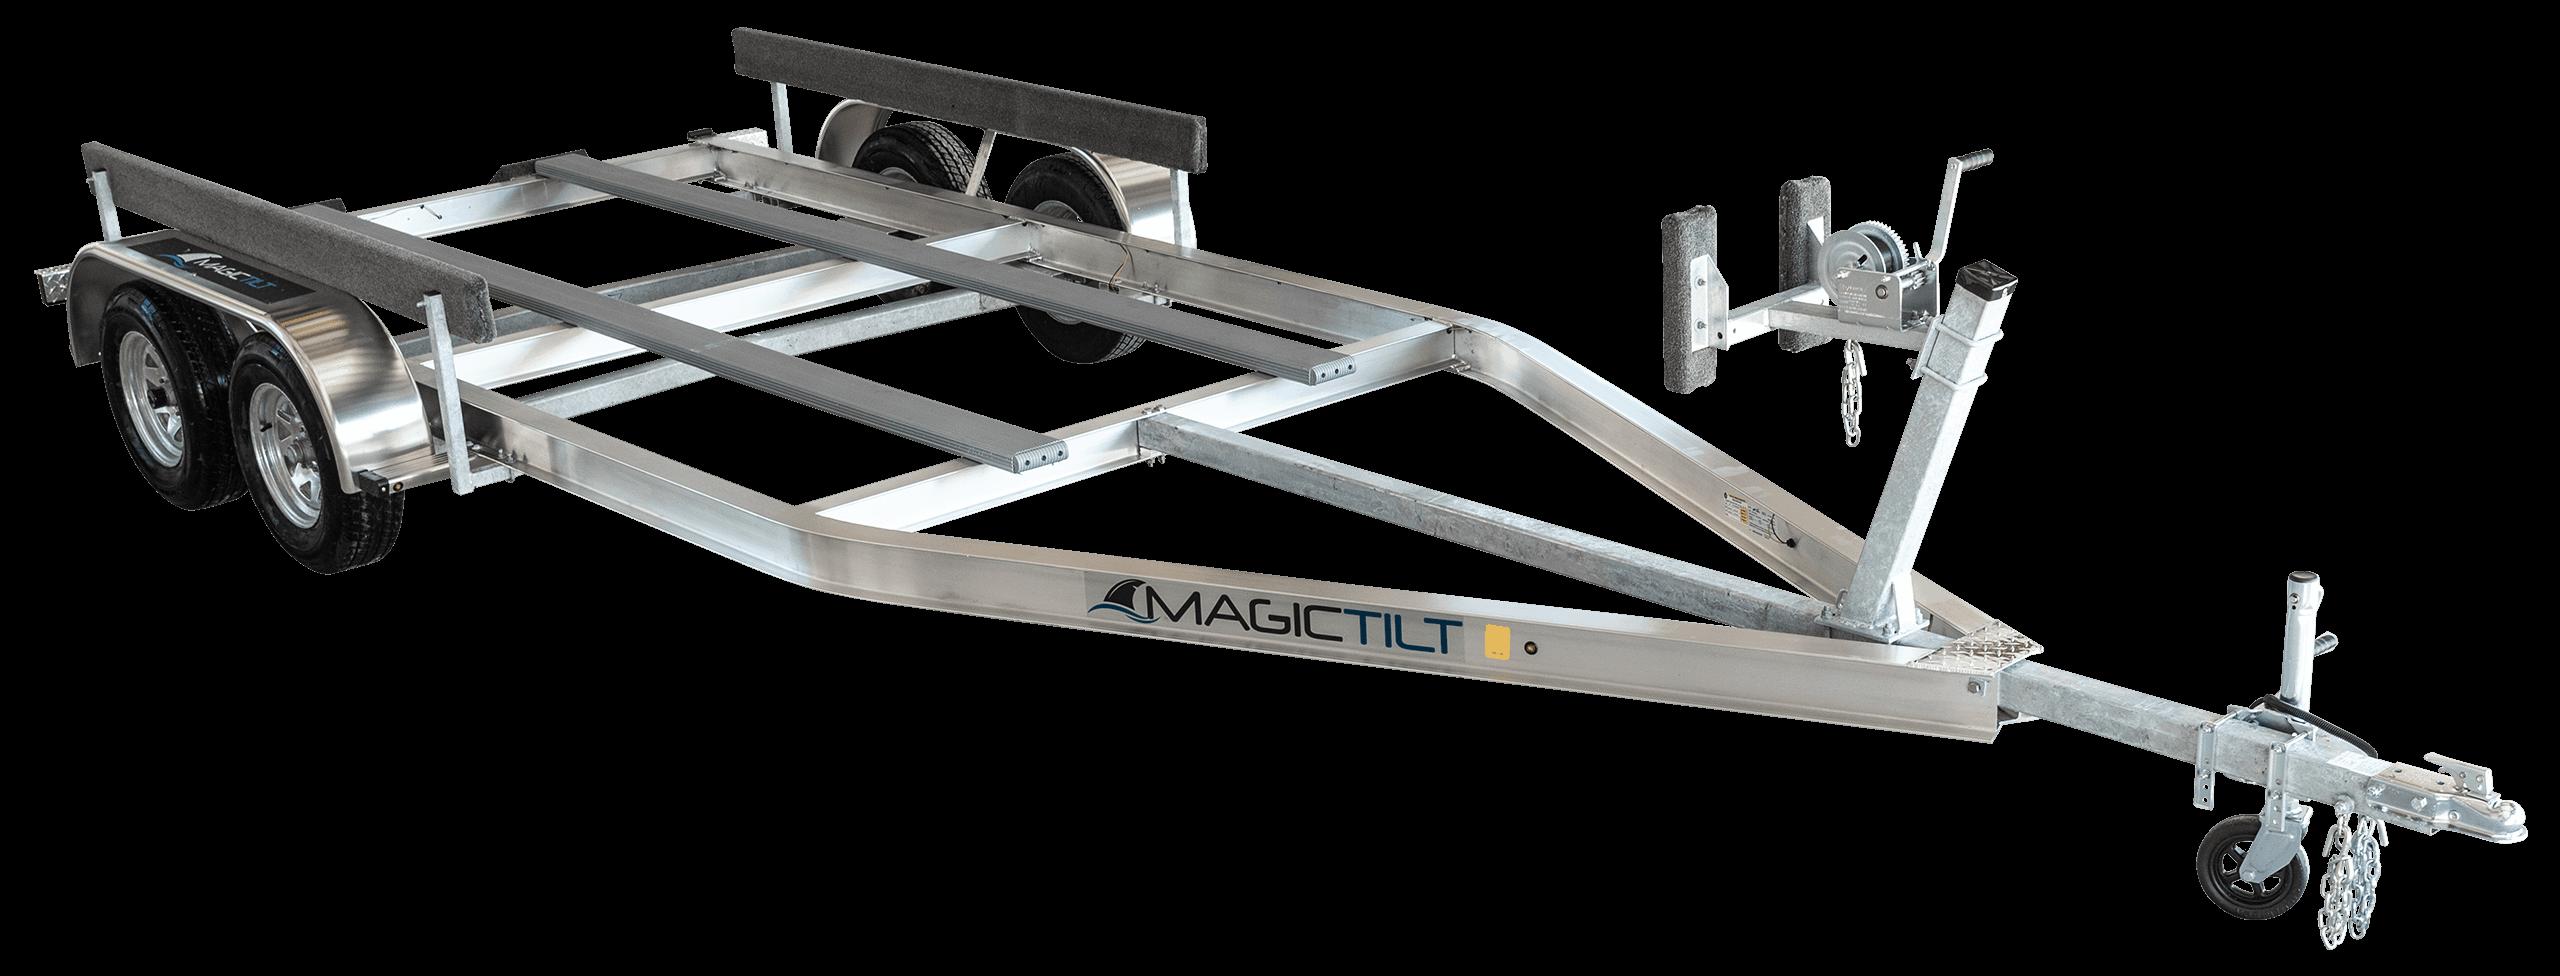 Airboat Series Tandem Axle Aluminum